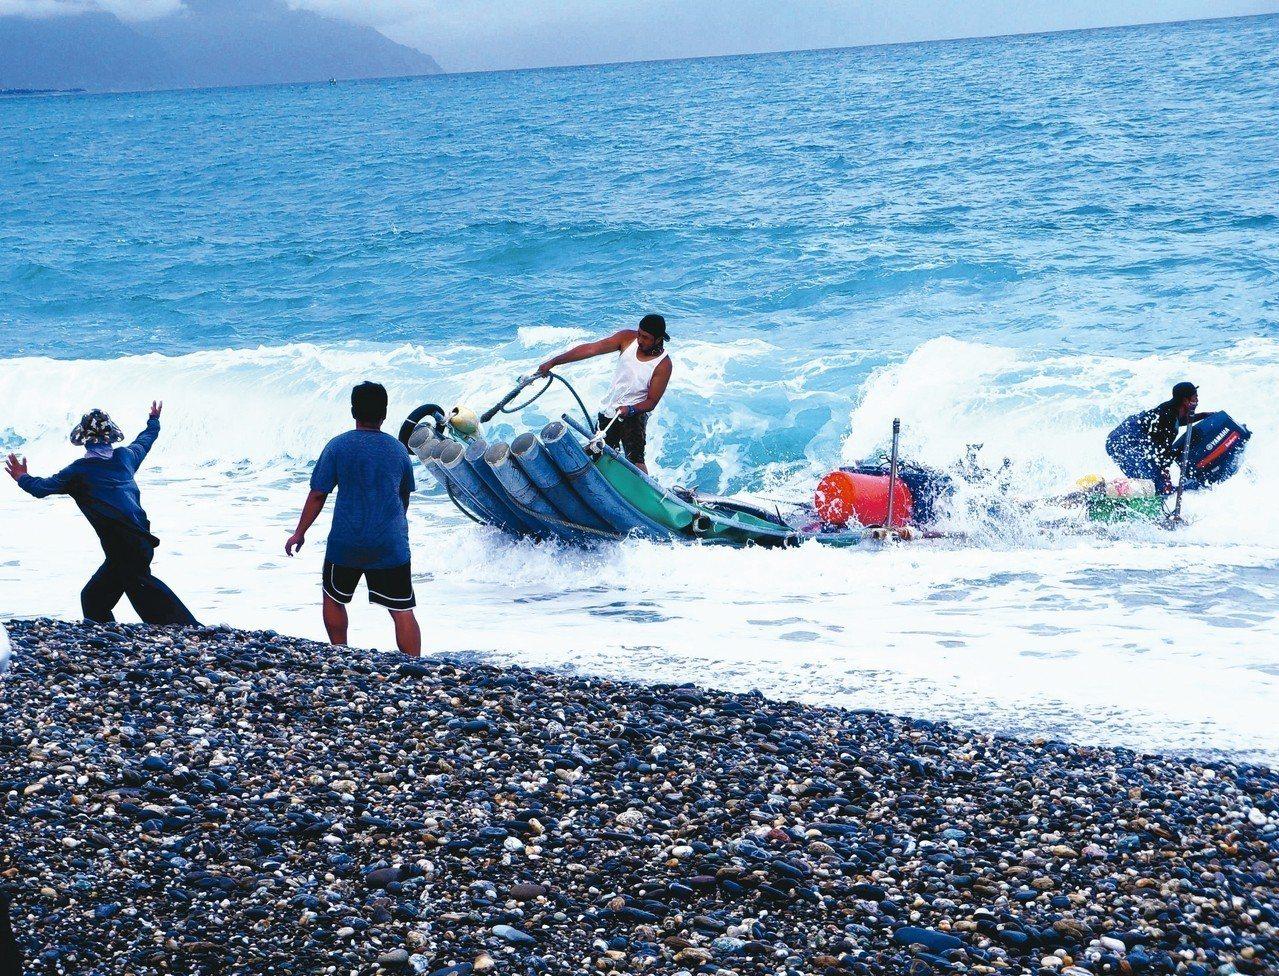 東海岸特殊補魚法定置漁網,拖收漁網上岸實況。圖/有行旅提供